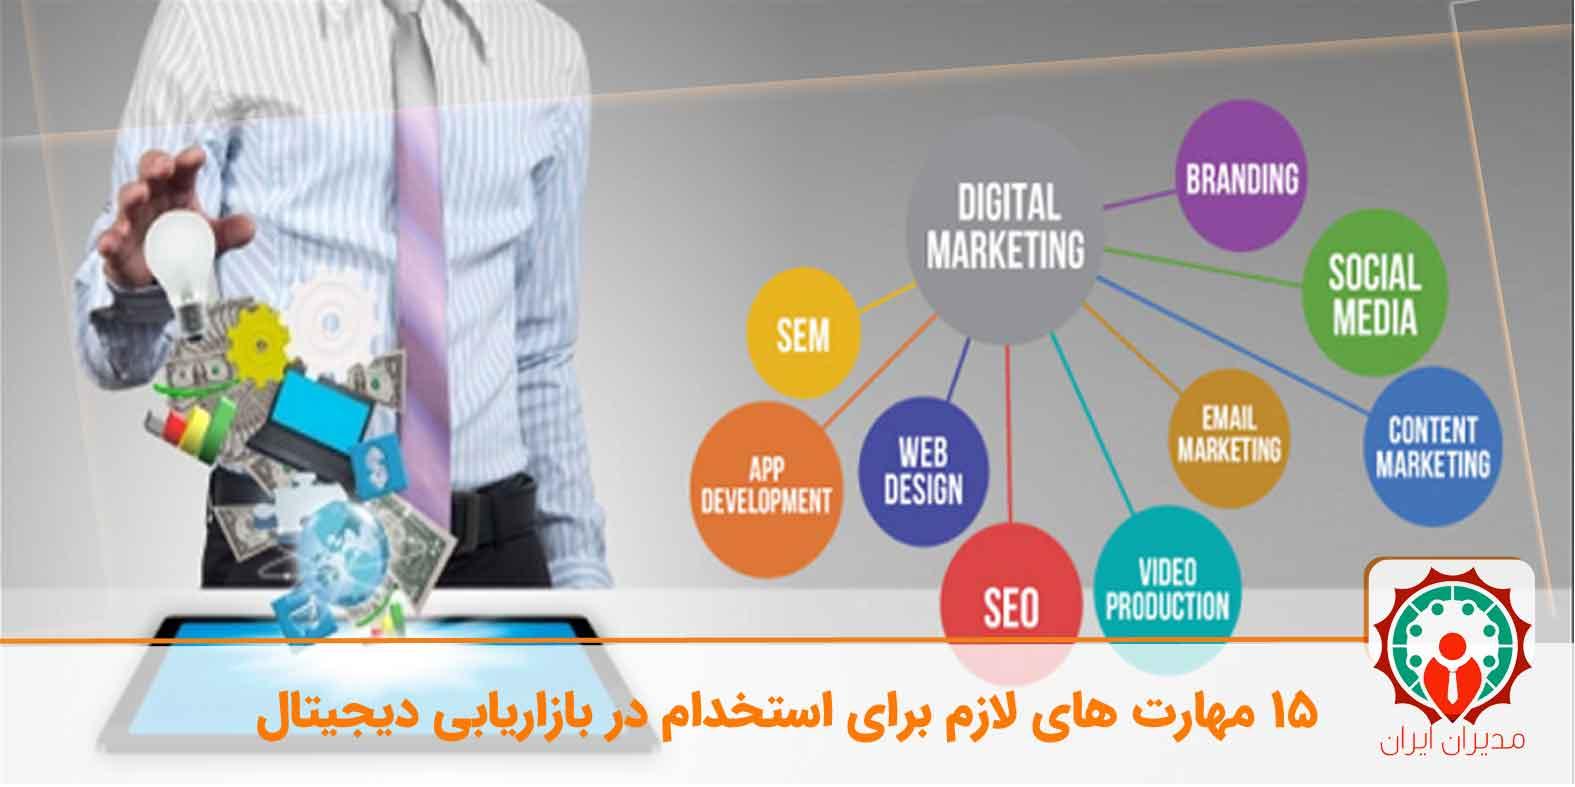 استخدام در بازاریابی دیجیتال